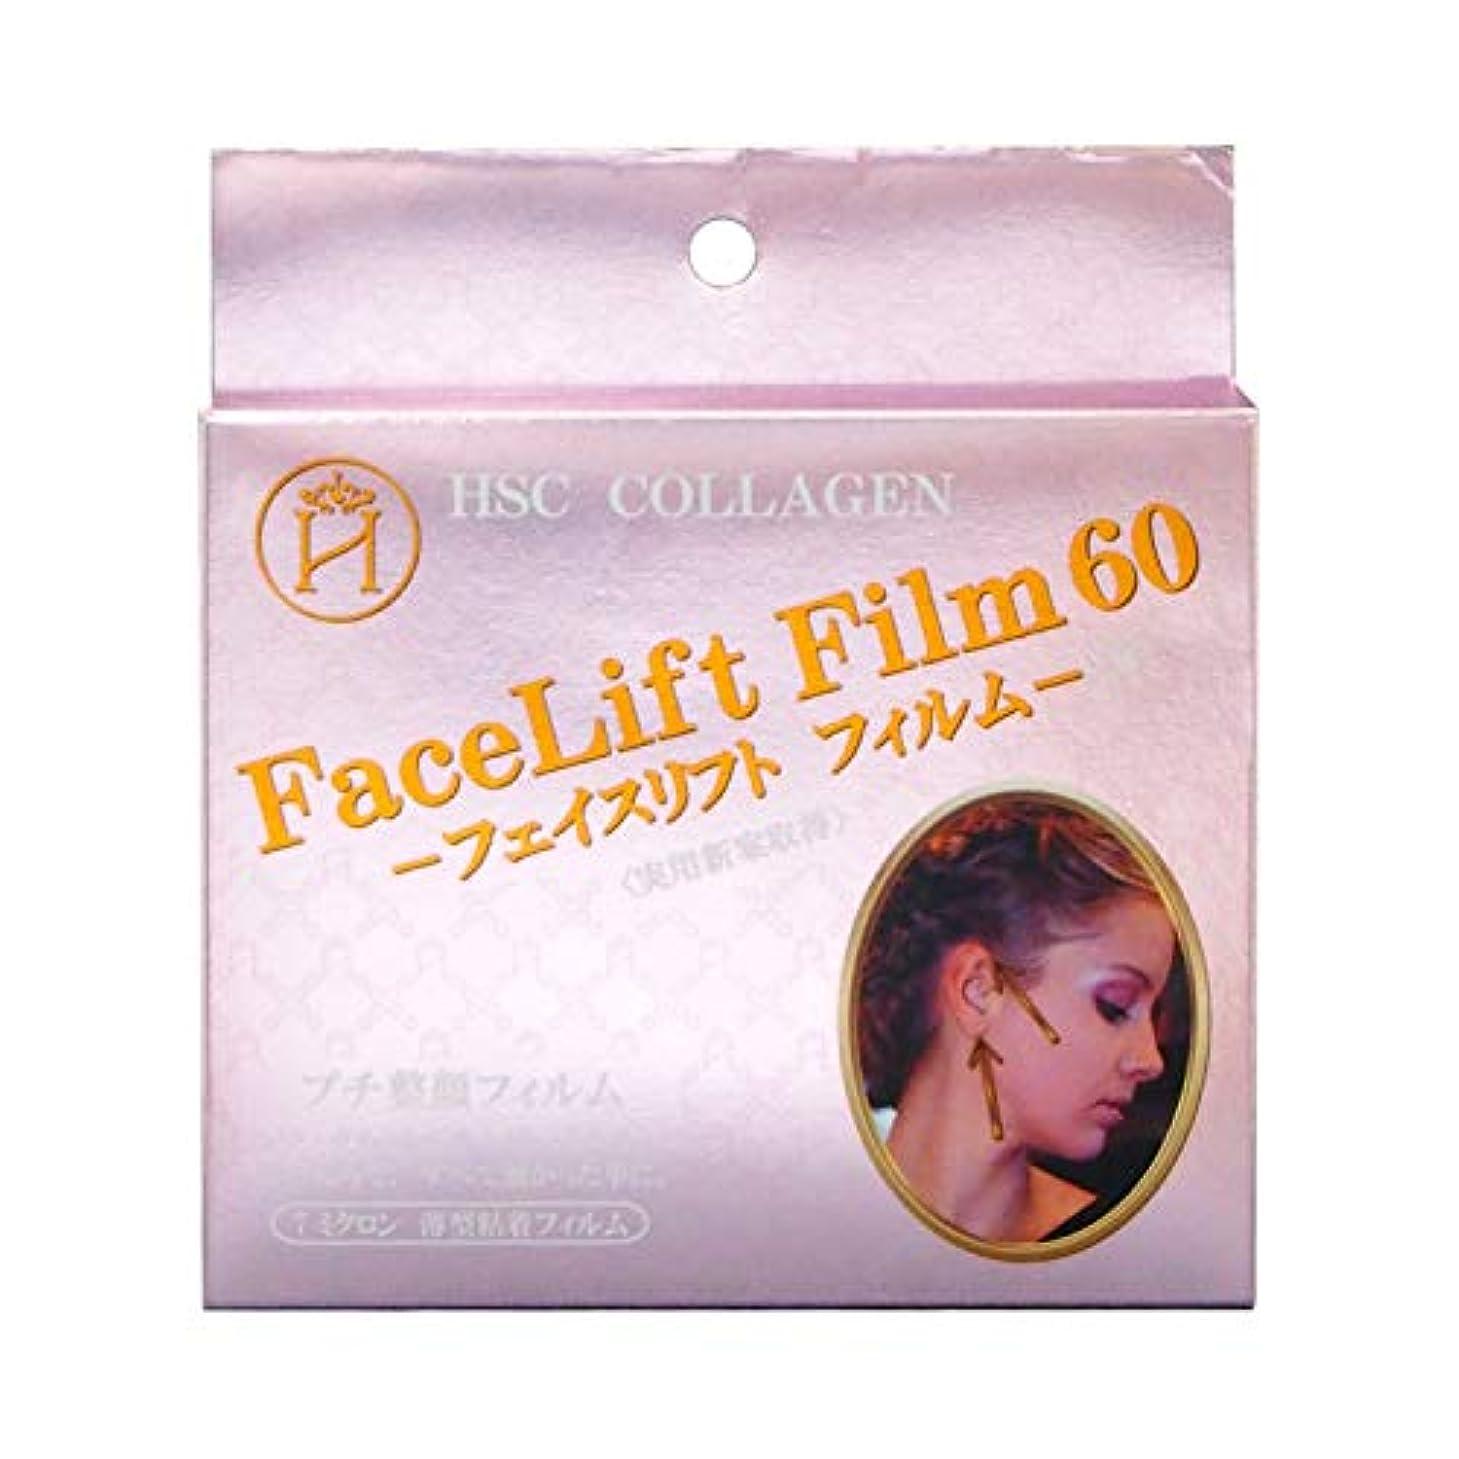 アマチュアそれる服を洗うフェイスリフトフィルム60 たるみ テープ 引き上げ 透明 目立たない フェイスライン